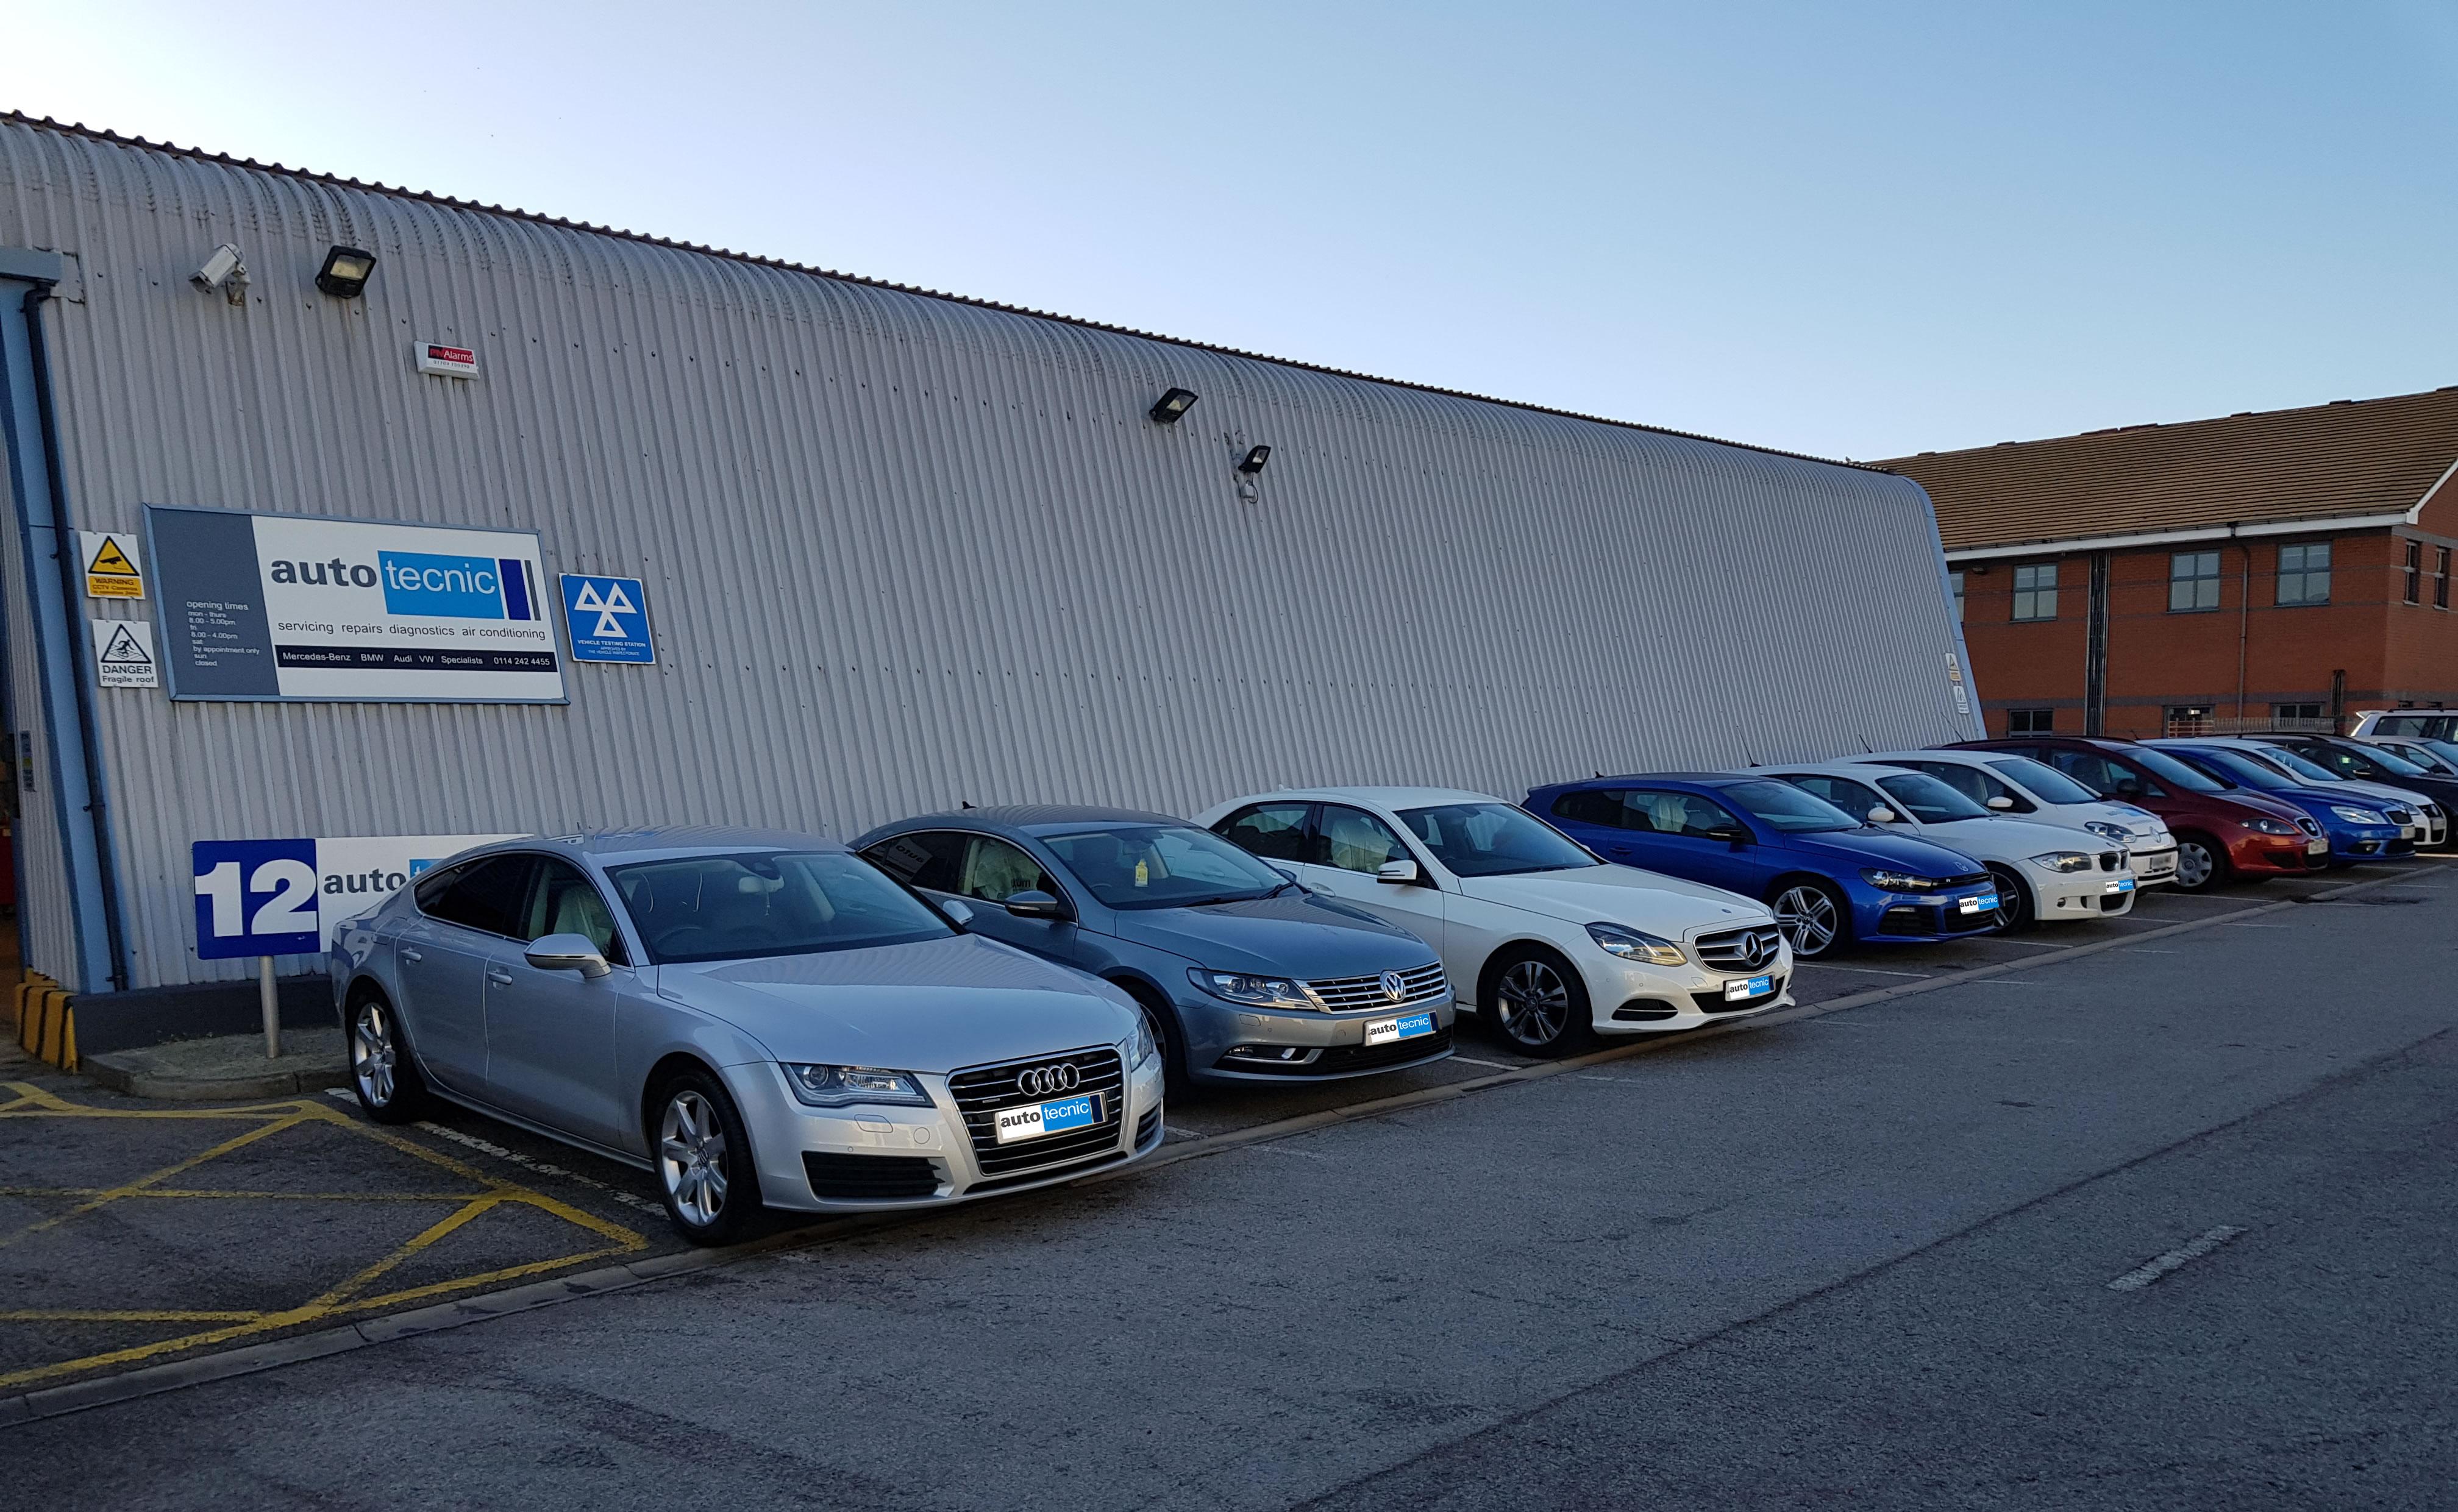 autotecnic- Audi A7 - VW Passsat - Mercedes E220 - VW Scirocco - BMW 1 Series